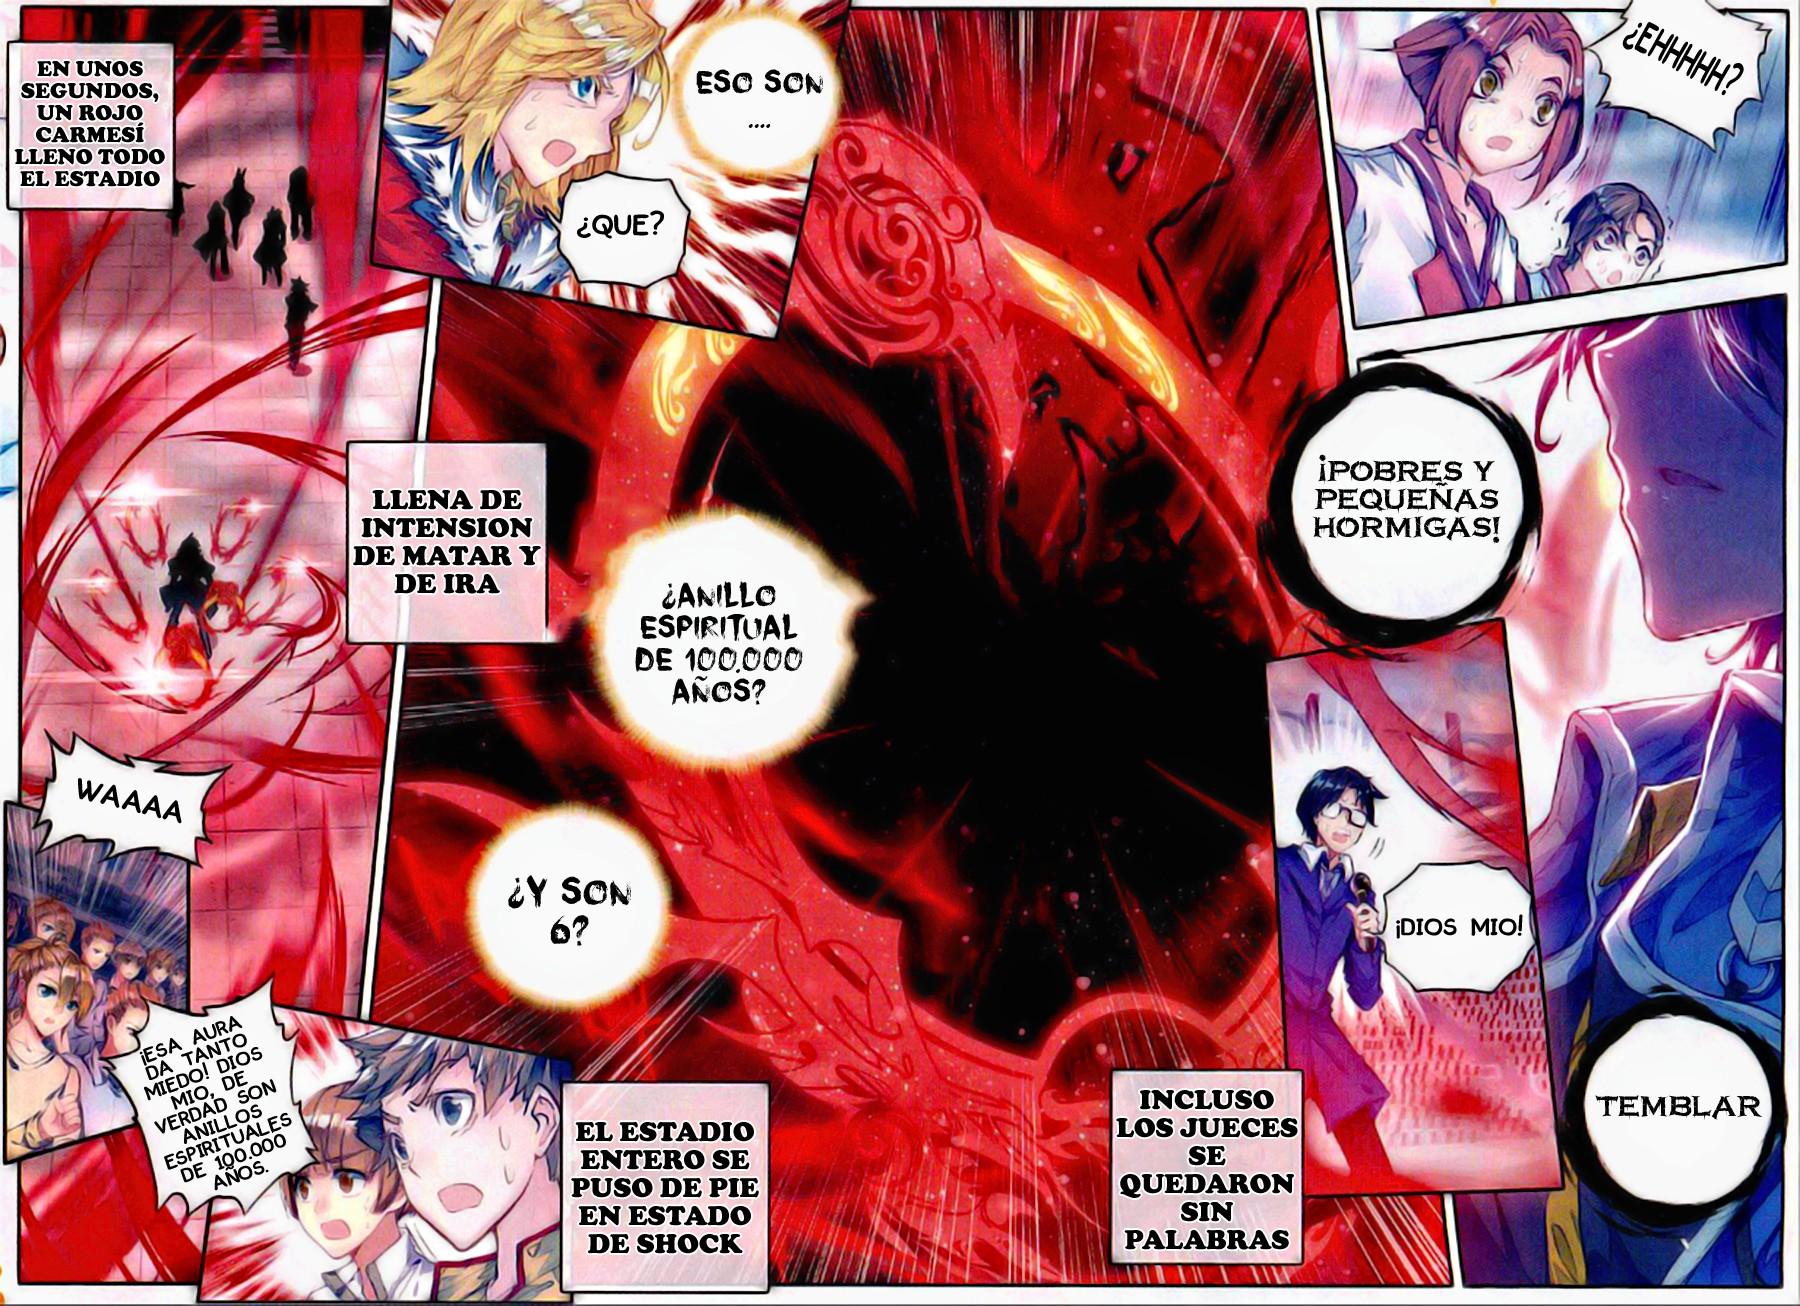 http://c5.ninemanga.com/es_manga/33/16417/440203/d18b09180684862f5665e1932fdb54fb.jpg Page 2